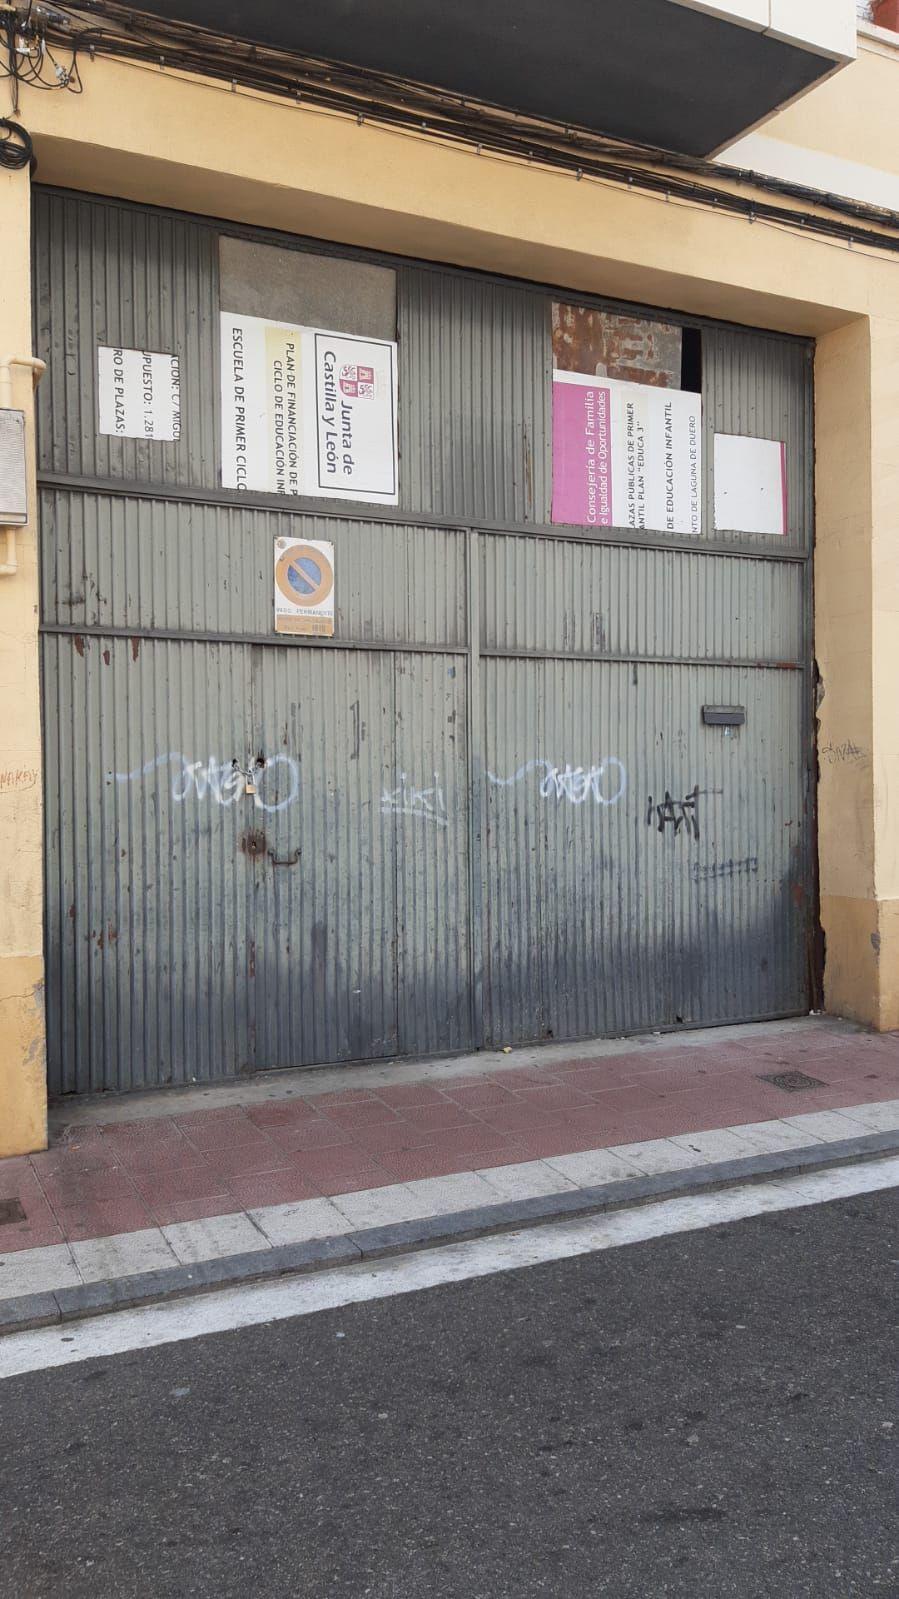 Local en venta en Las Delicias, Valladolid, Valladolid, Calle Padre Manjon, 66.000 €, 231 m2